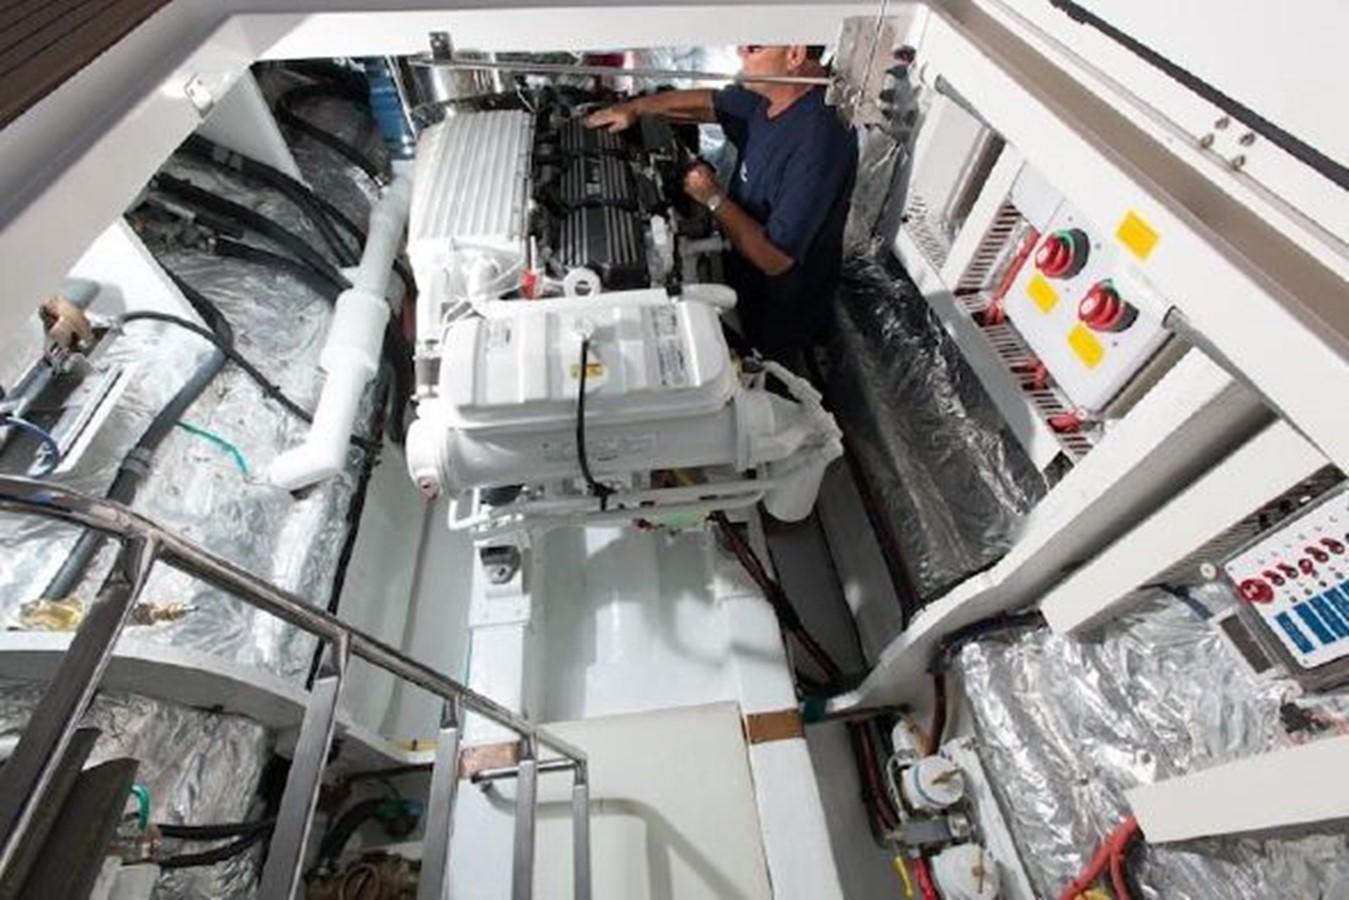 ENGINEROOM 2013 HORIZON HORIZON PC60 Catamaran 2579528